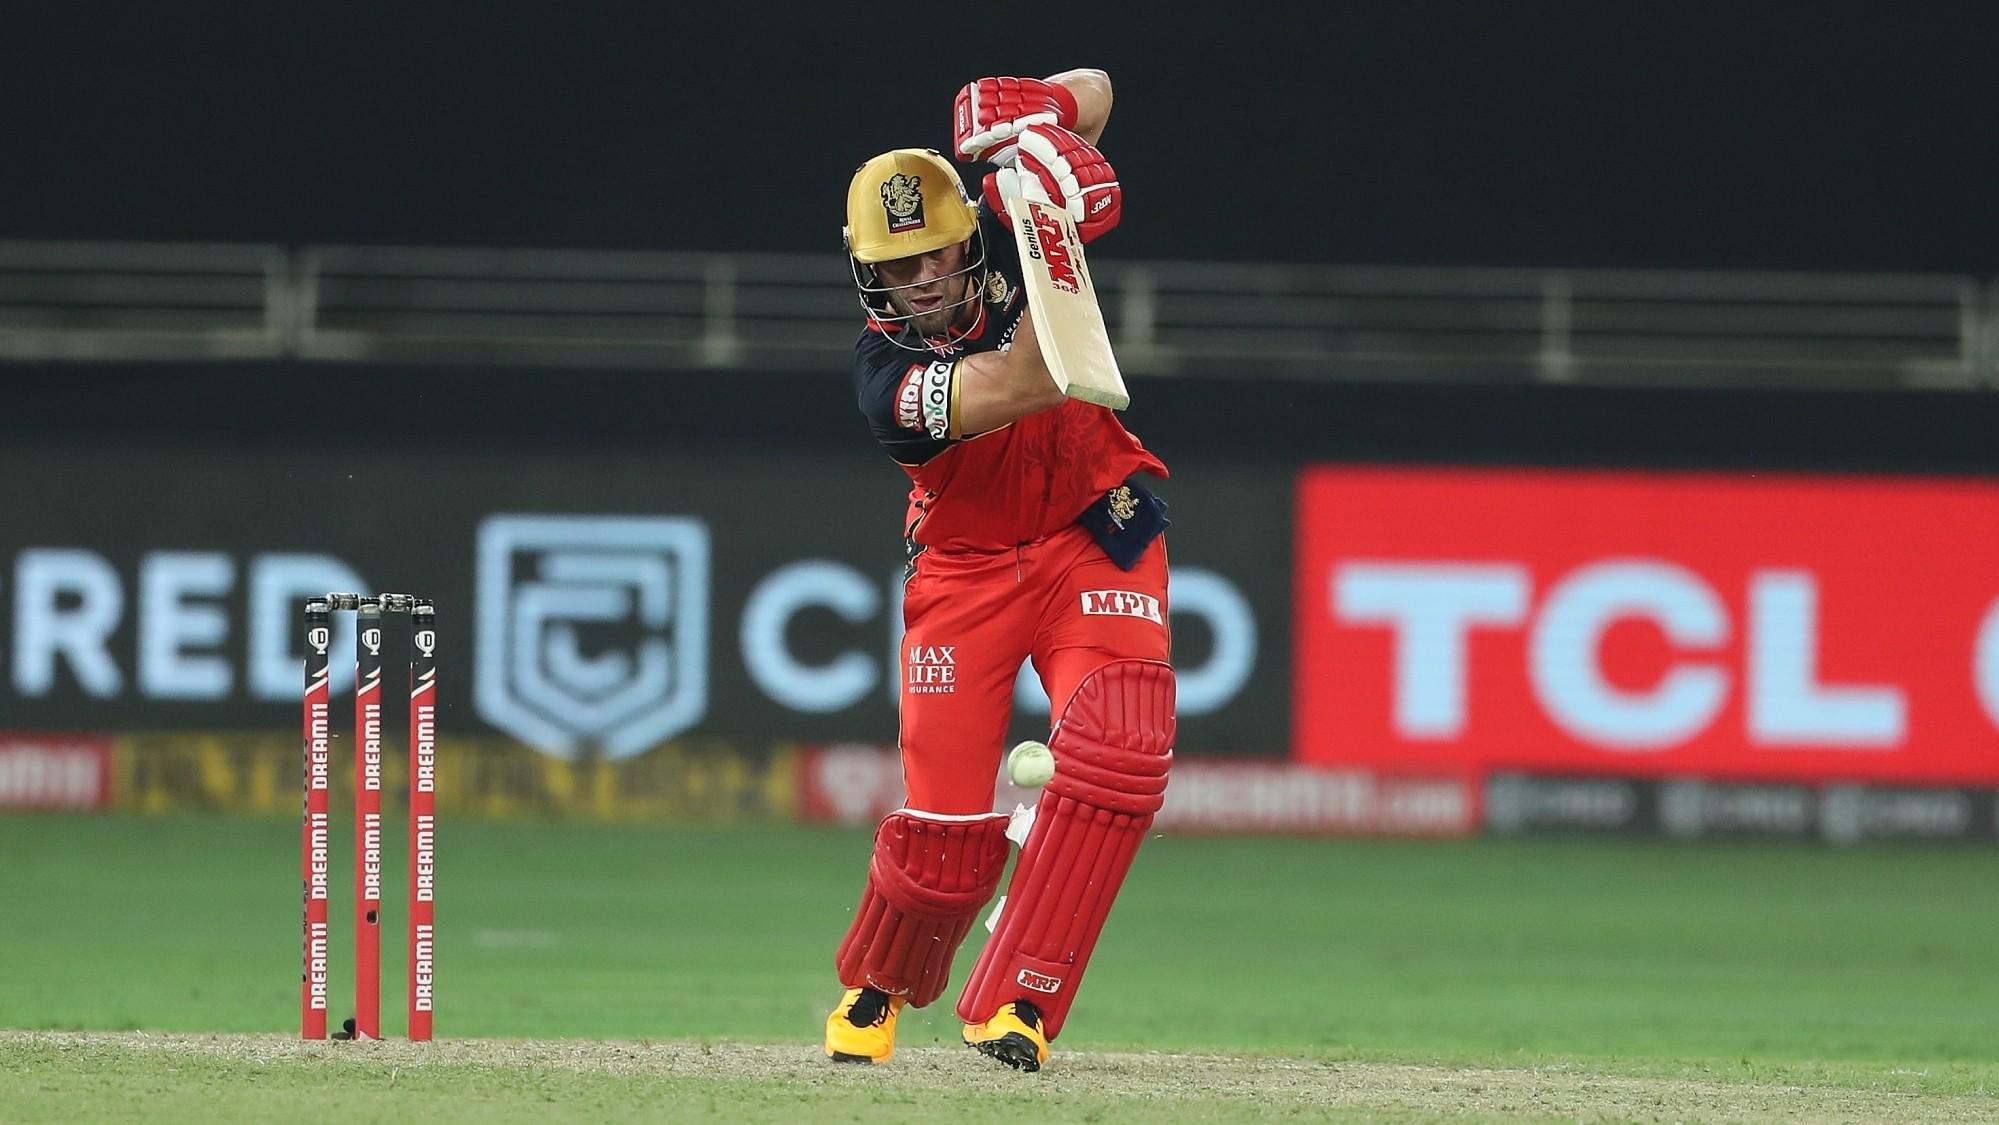 IPL 2020: AB de Villiers releases a heartfelt message for RCB fans